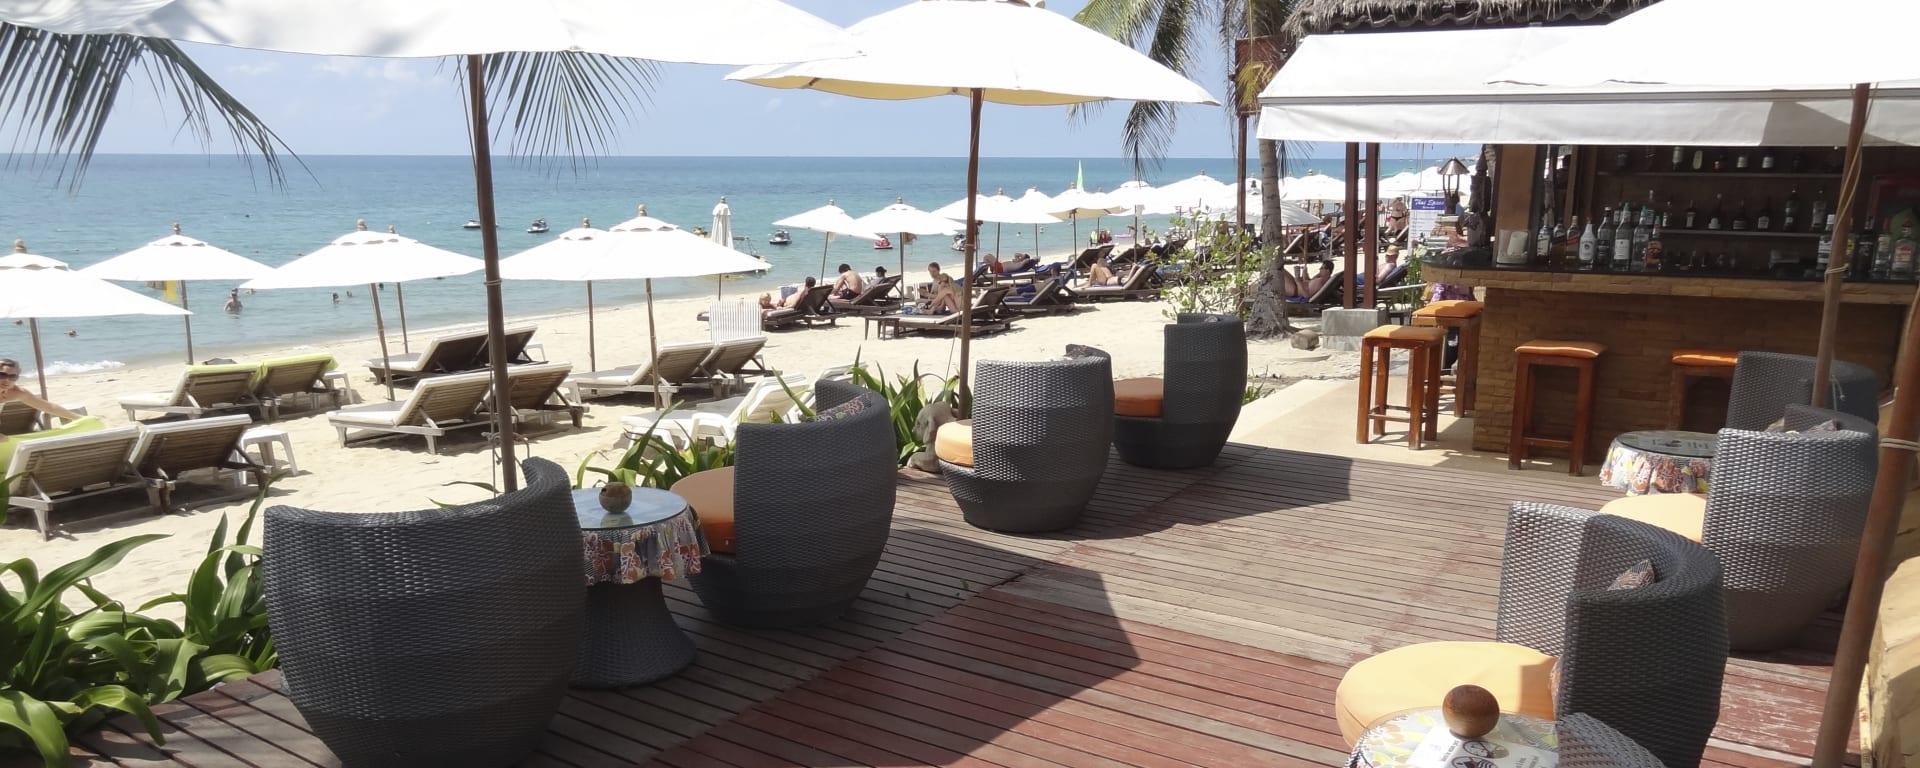 Samui Jasmine Resort in Ko Samui: Thailand Samui Jasmine Resort Beachbar